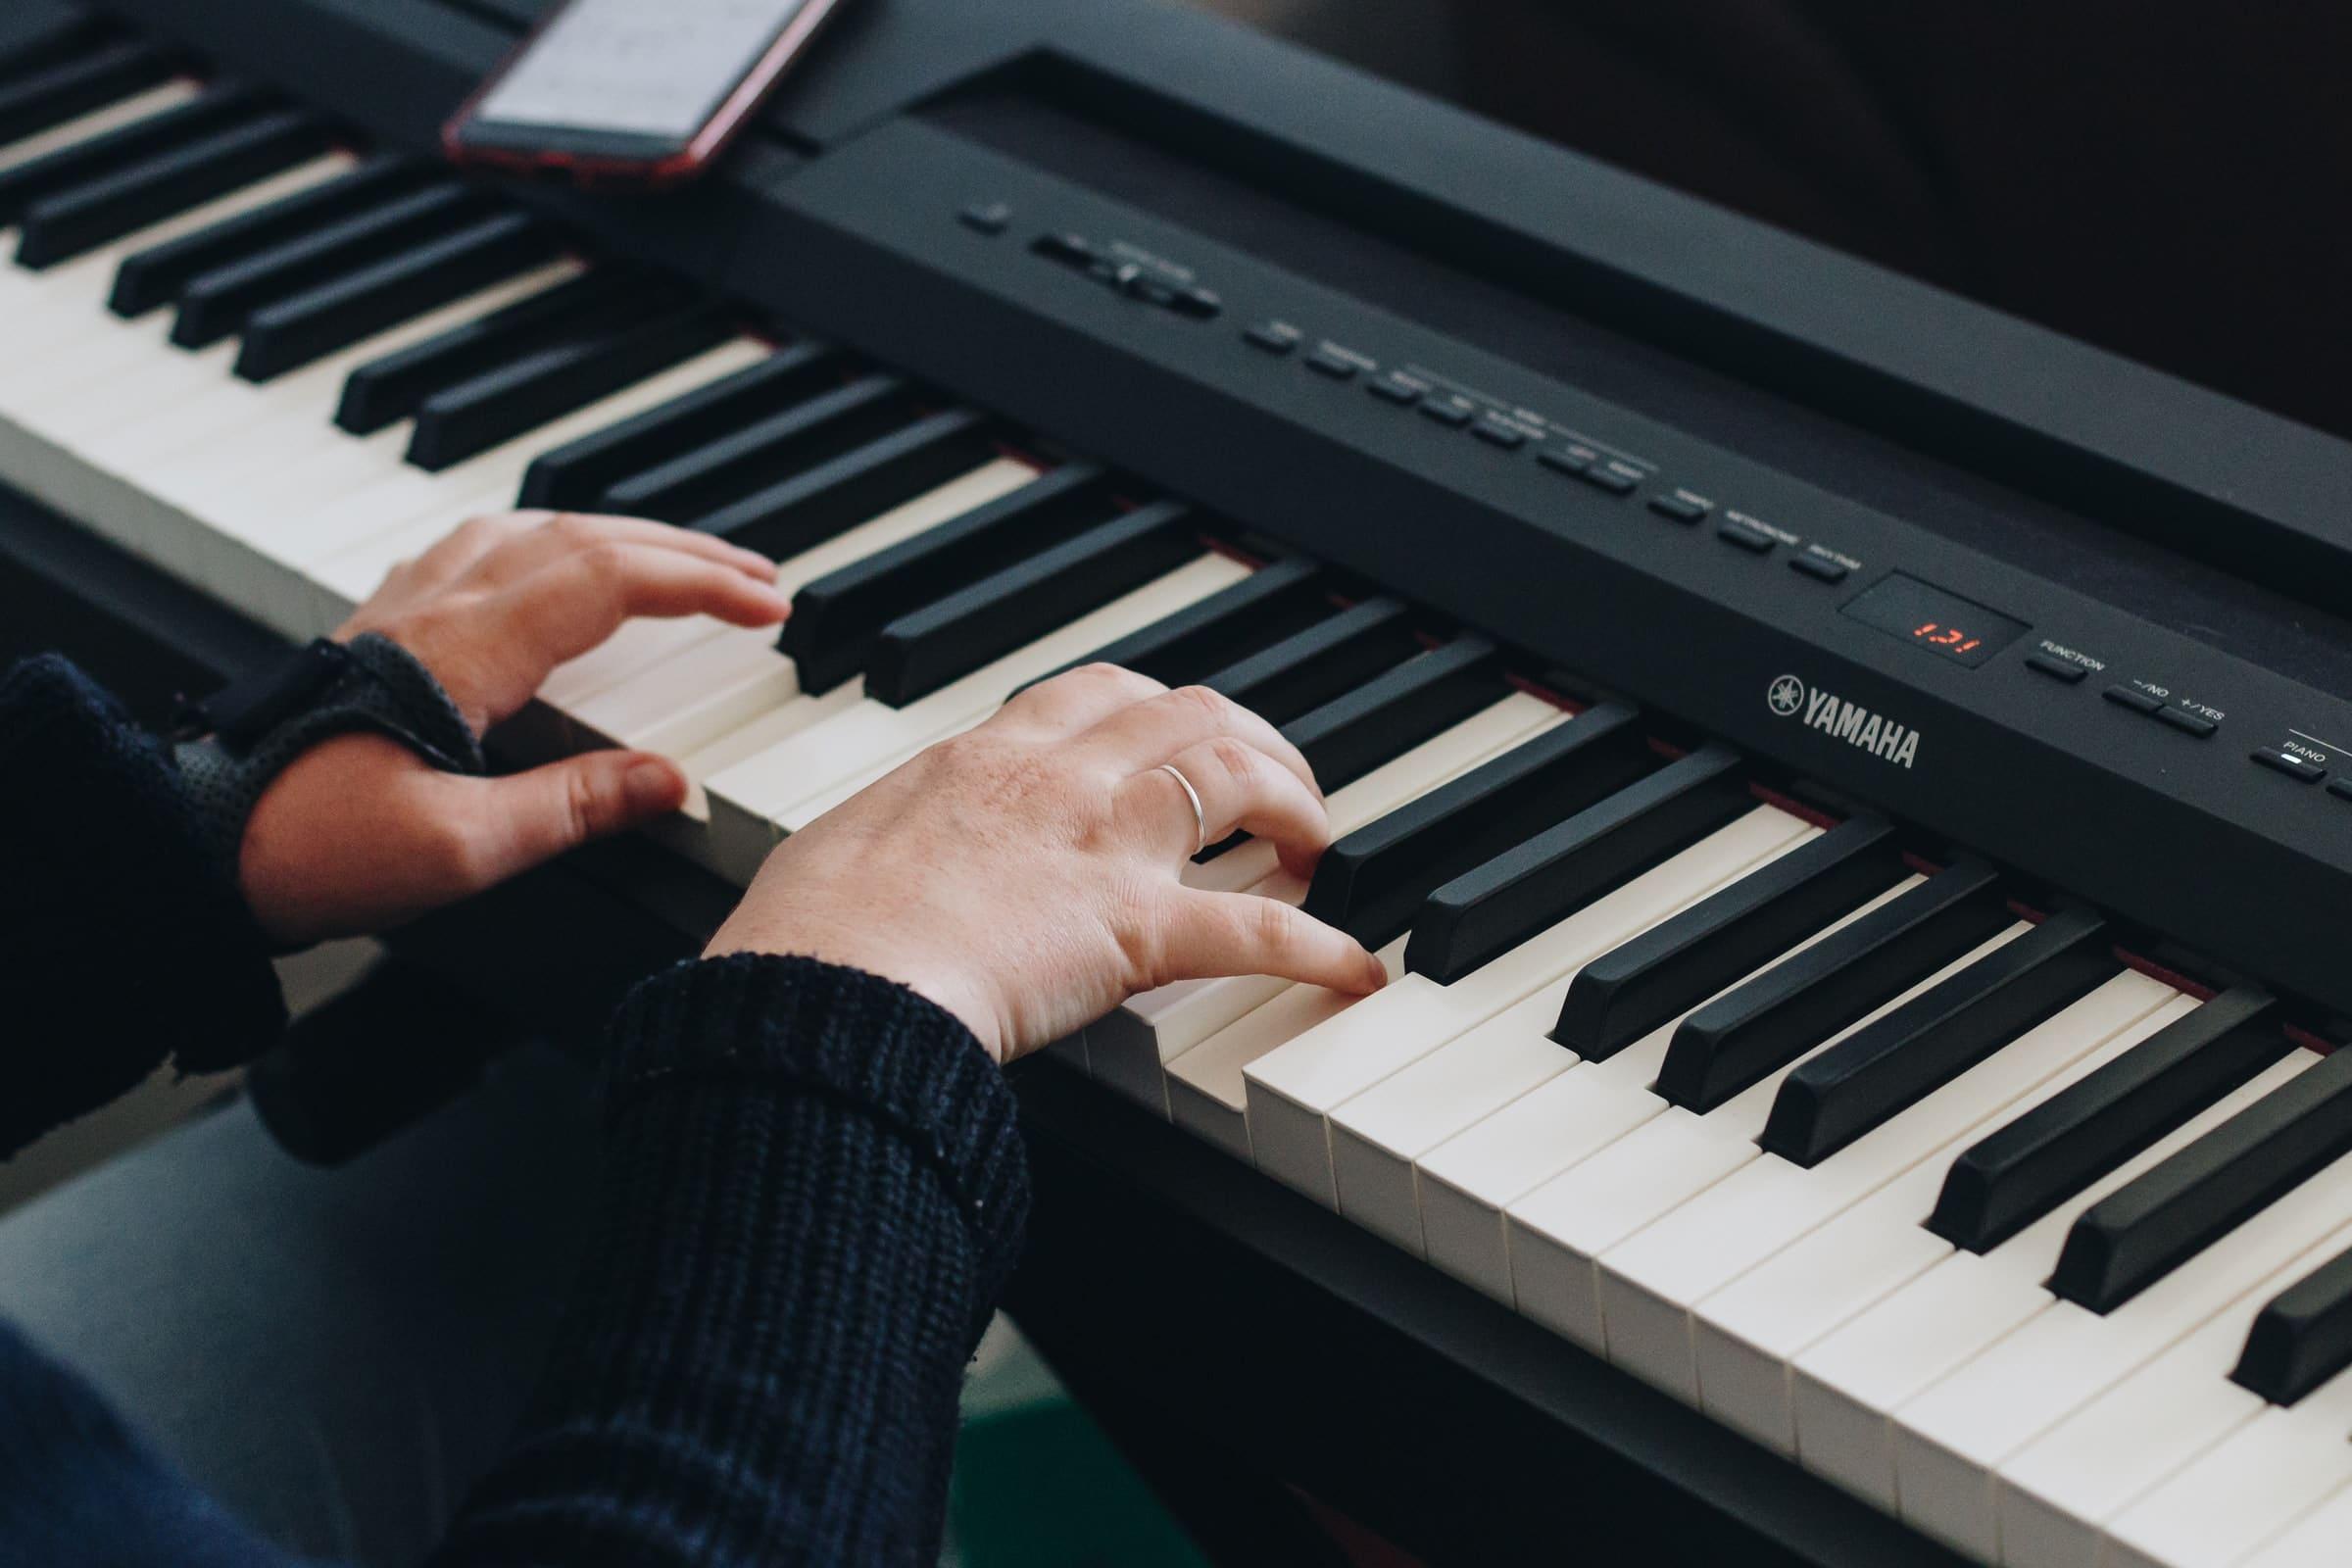 Meilleur piano numérique Yamaha